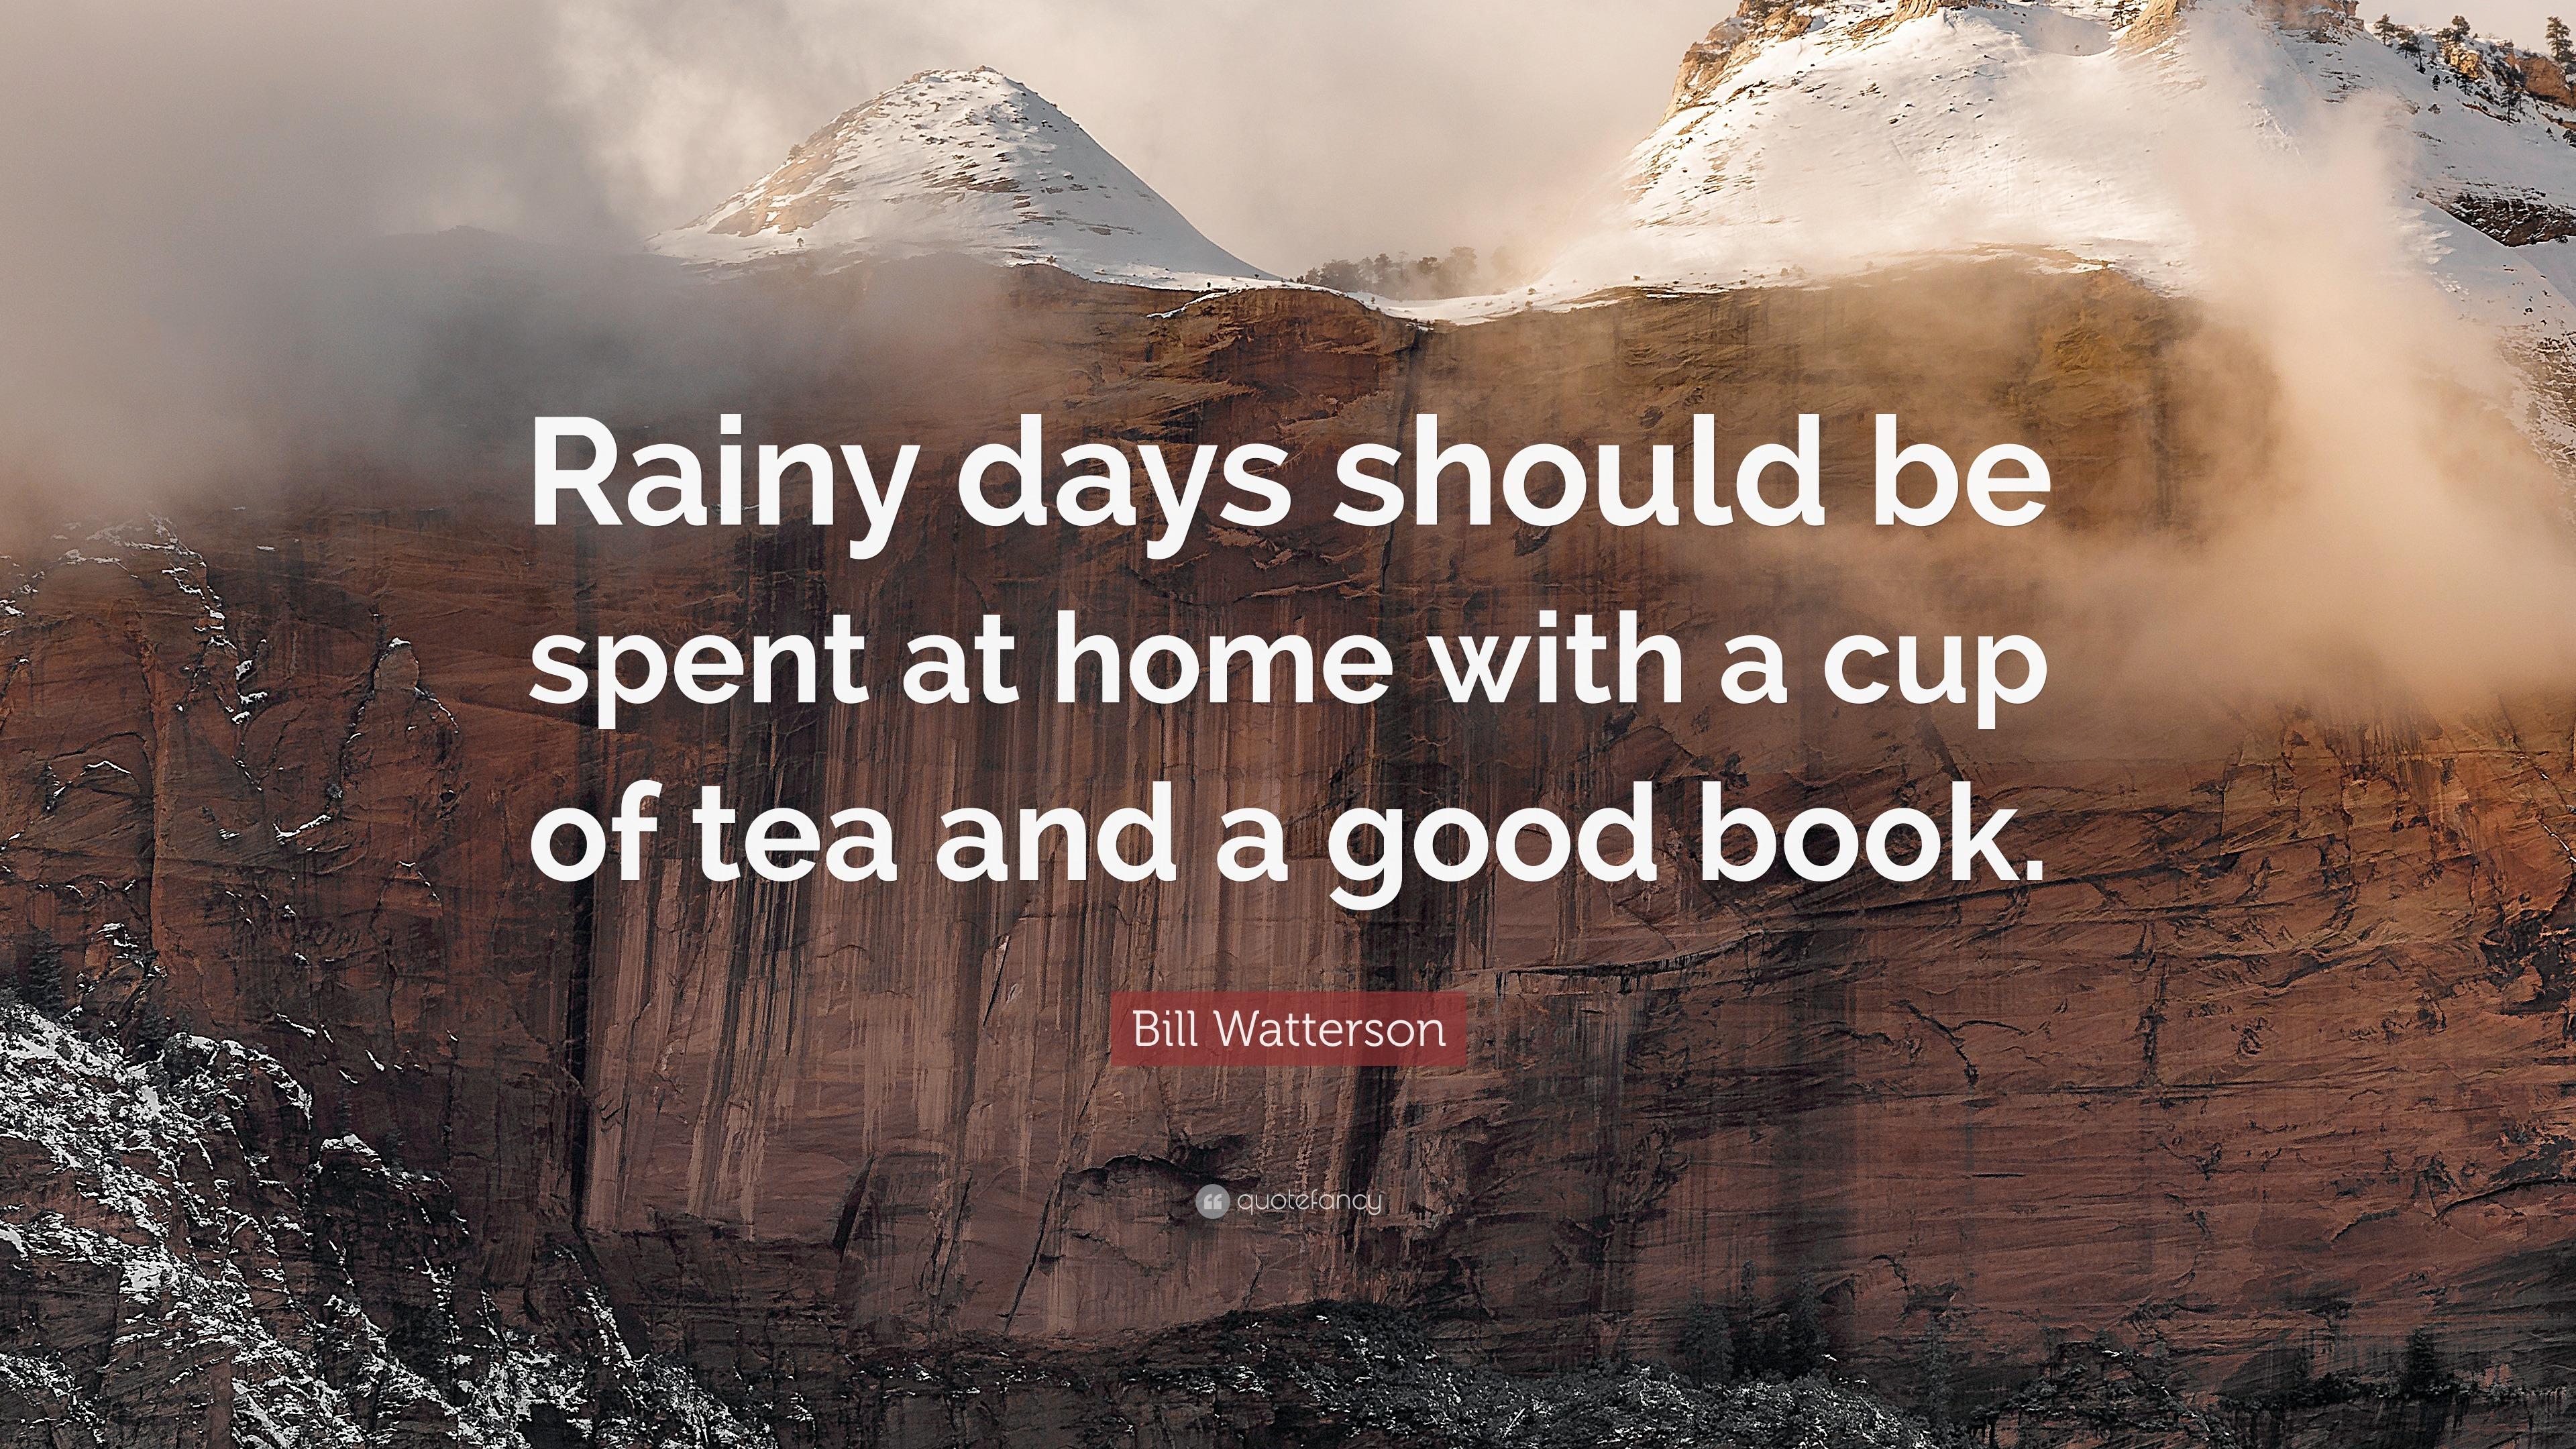 New I Love Rainy Days Quotes